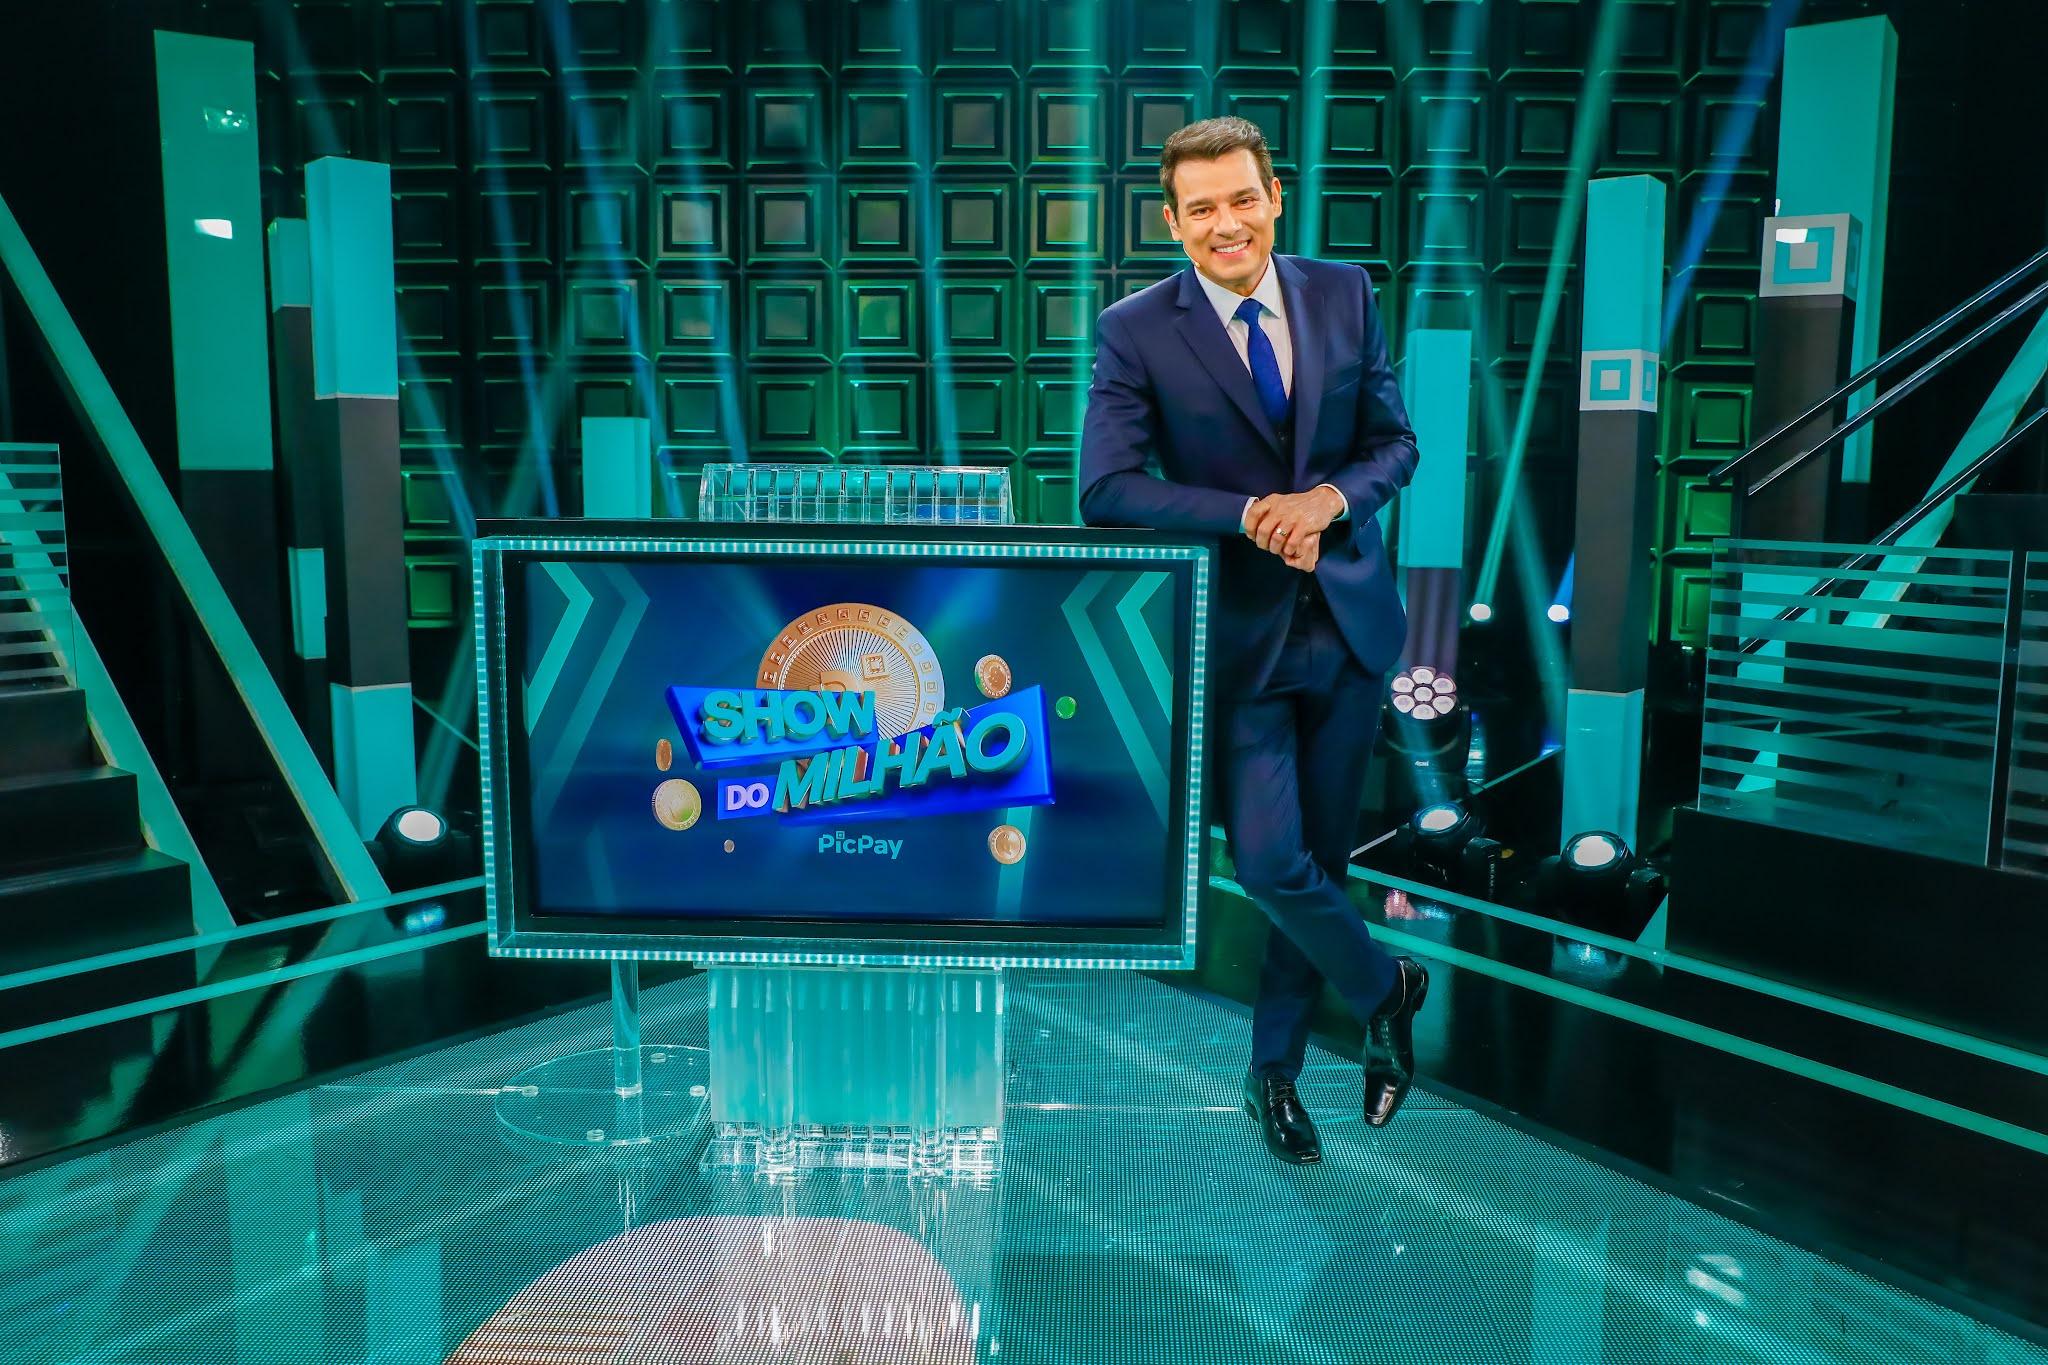 Confira os dados de audiência consolidados das emissoras de TV de sexta-feira, dia 17 de setembro de 2021